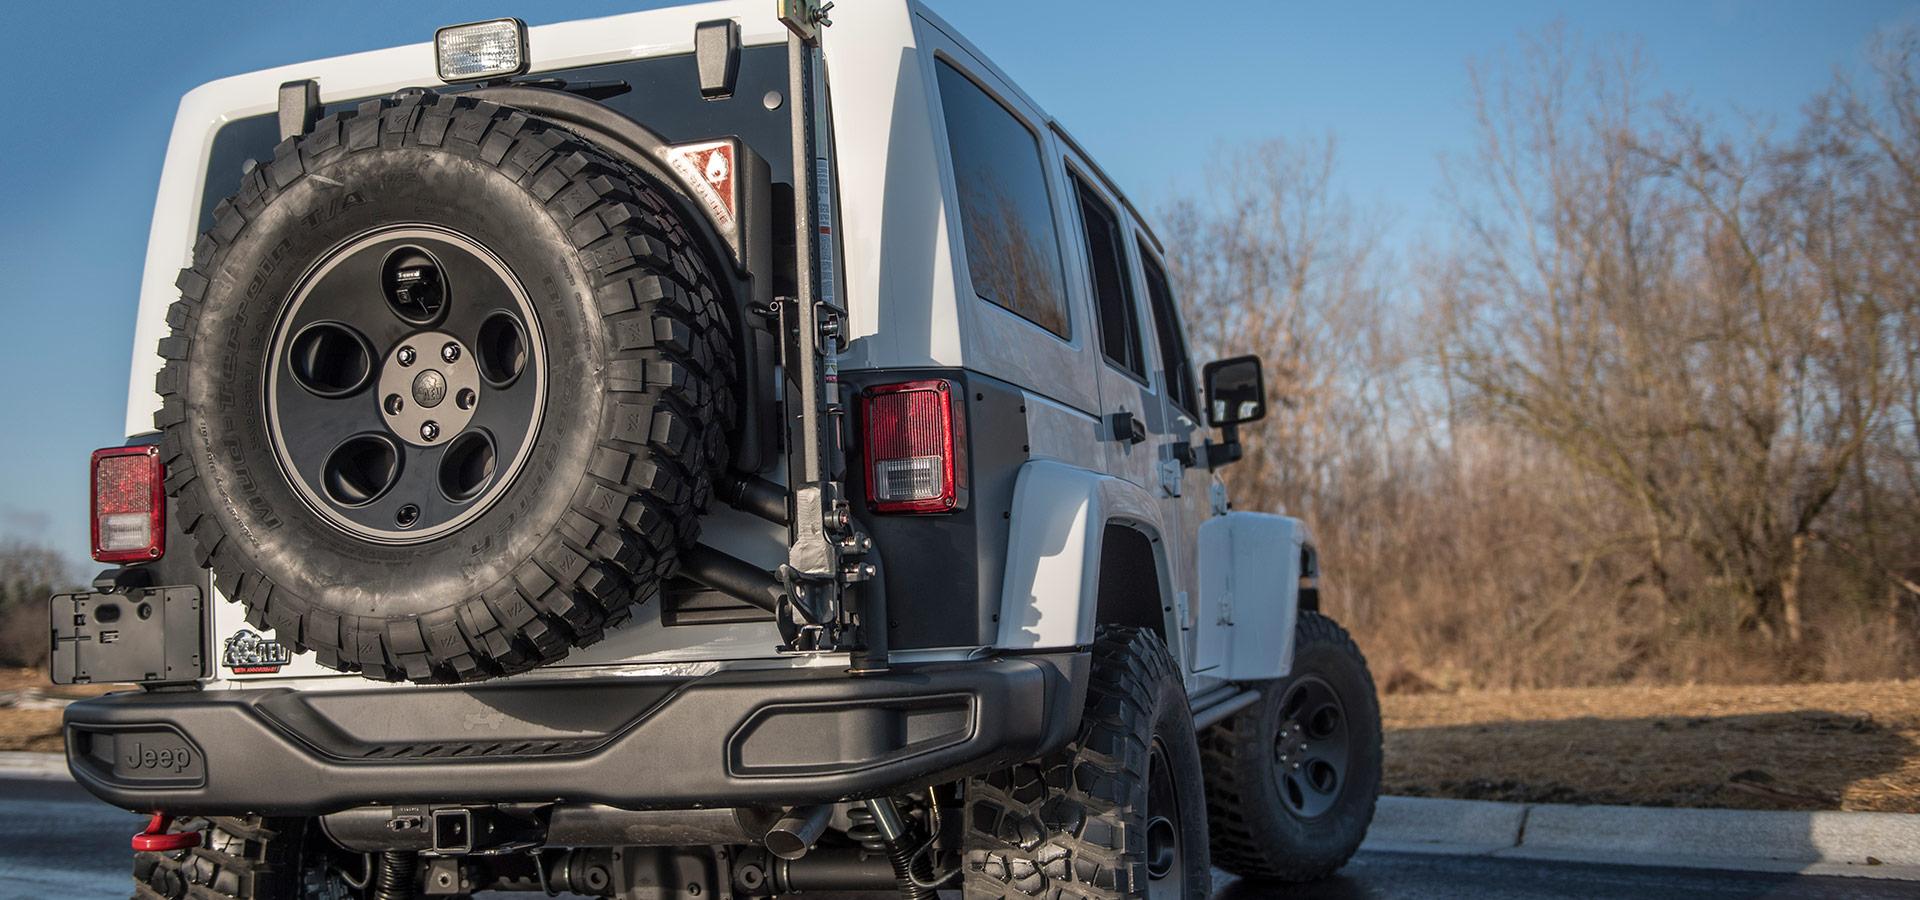 hight resolution of jk tire carrier